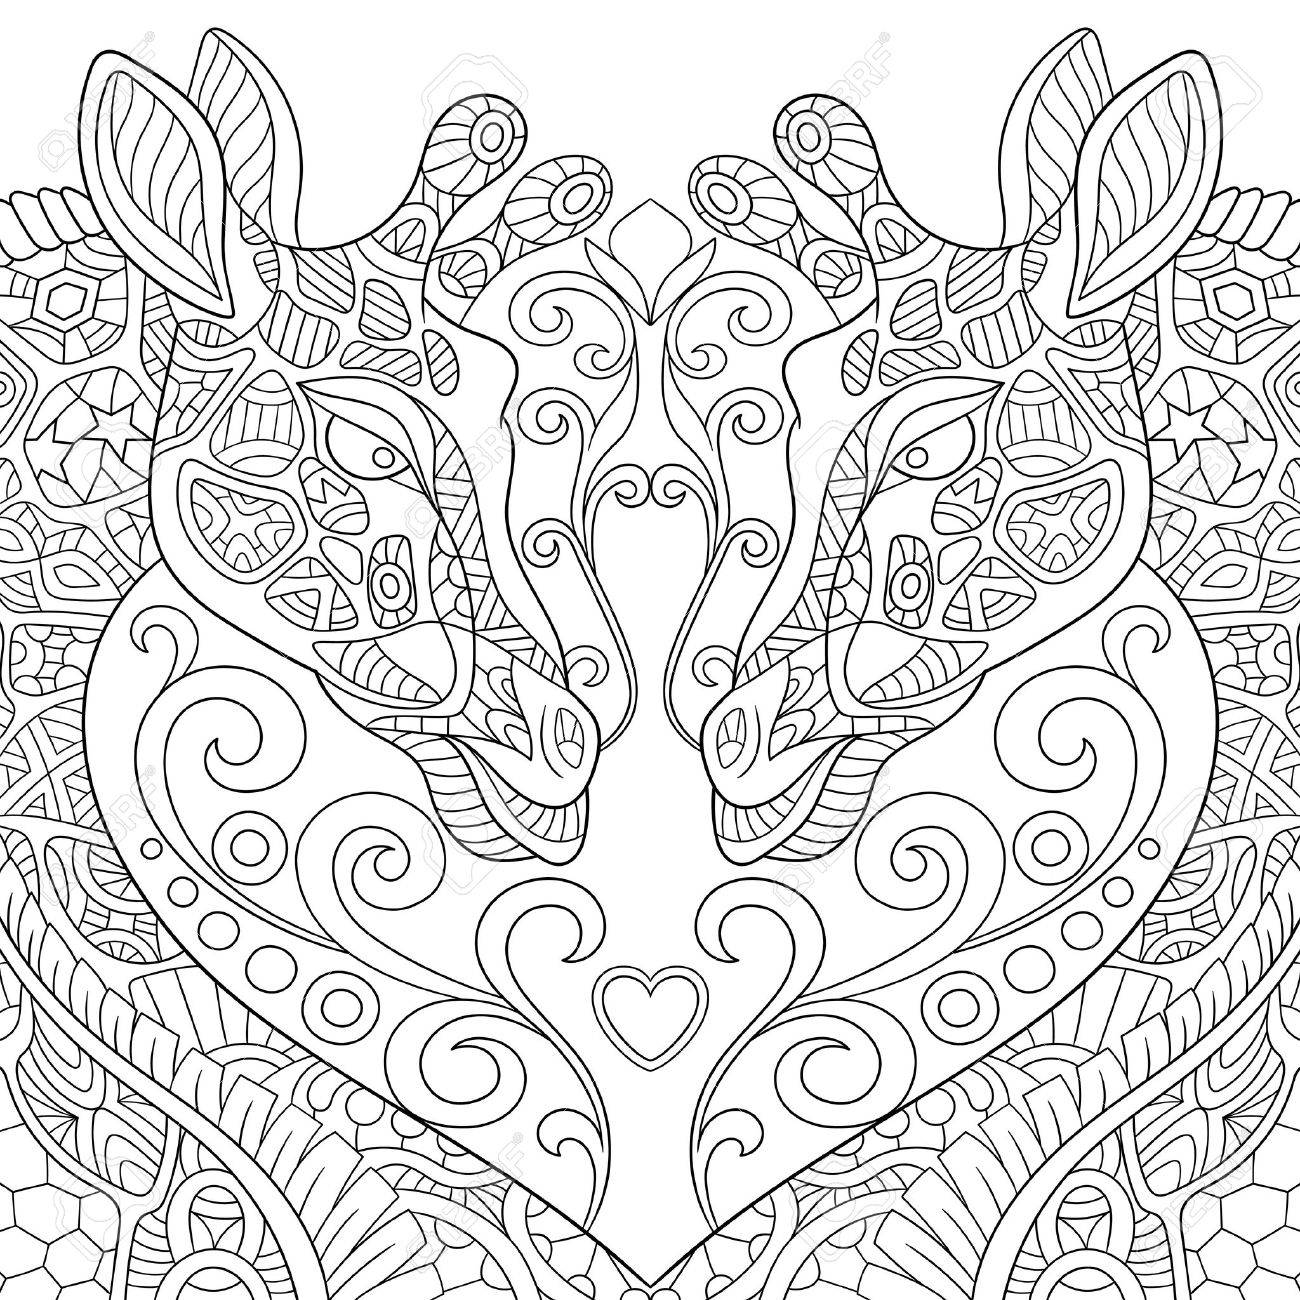 Coloriage Adulte Coeur.Stylisees Deux Dessins Animes De Belles Girafes Avec Un Coeur